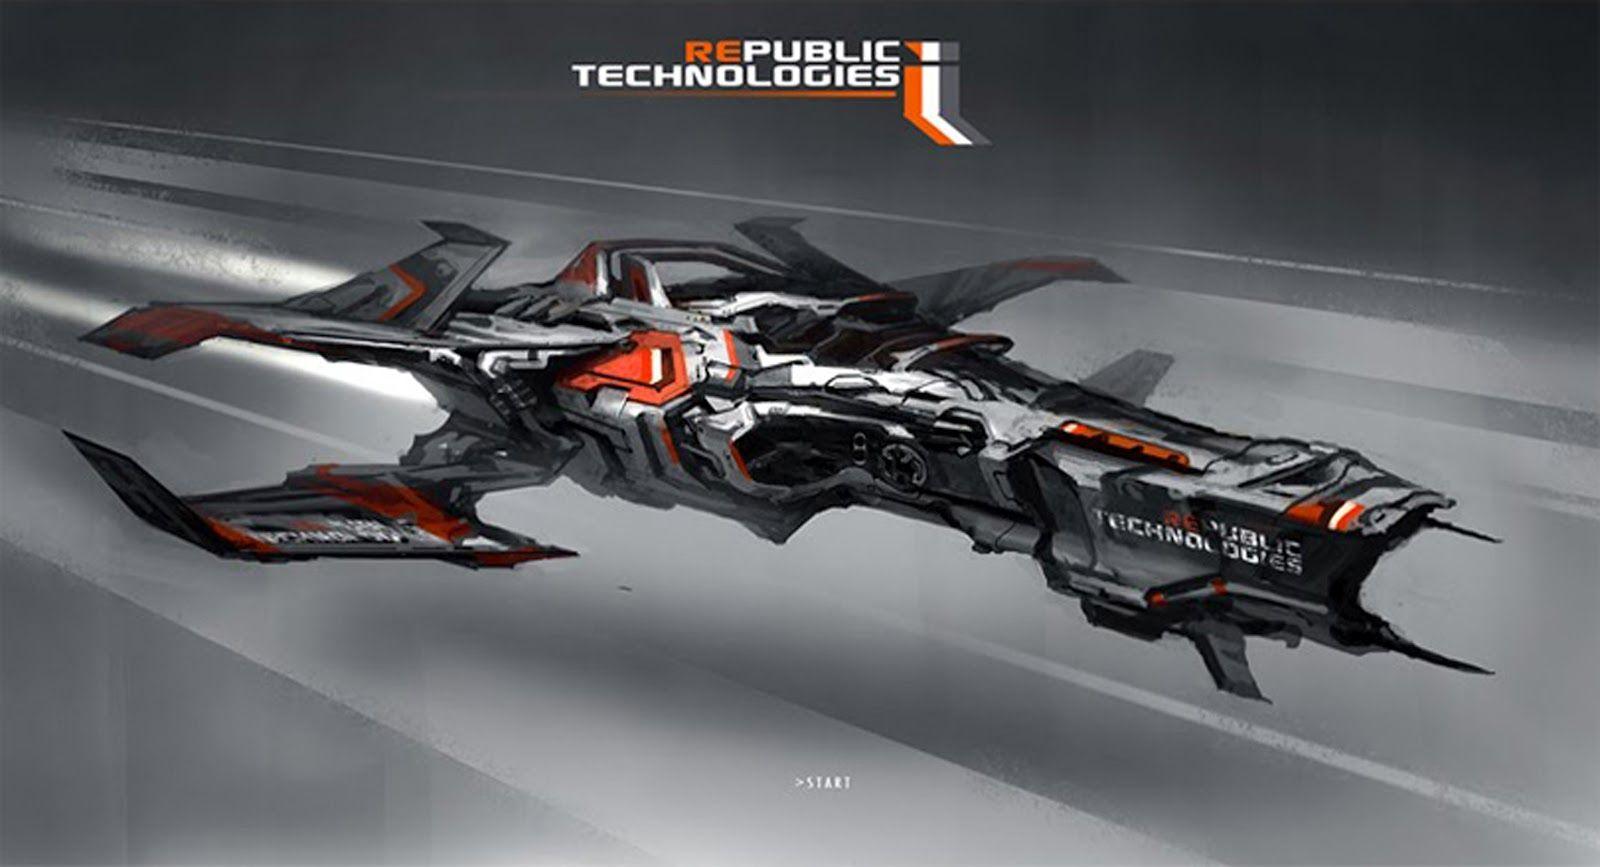 Futuristic Concepts Alien Spacecraft Concept Page 2 Pics About Space Short Range